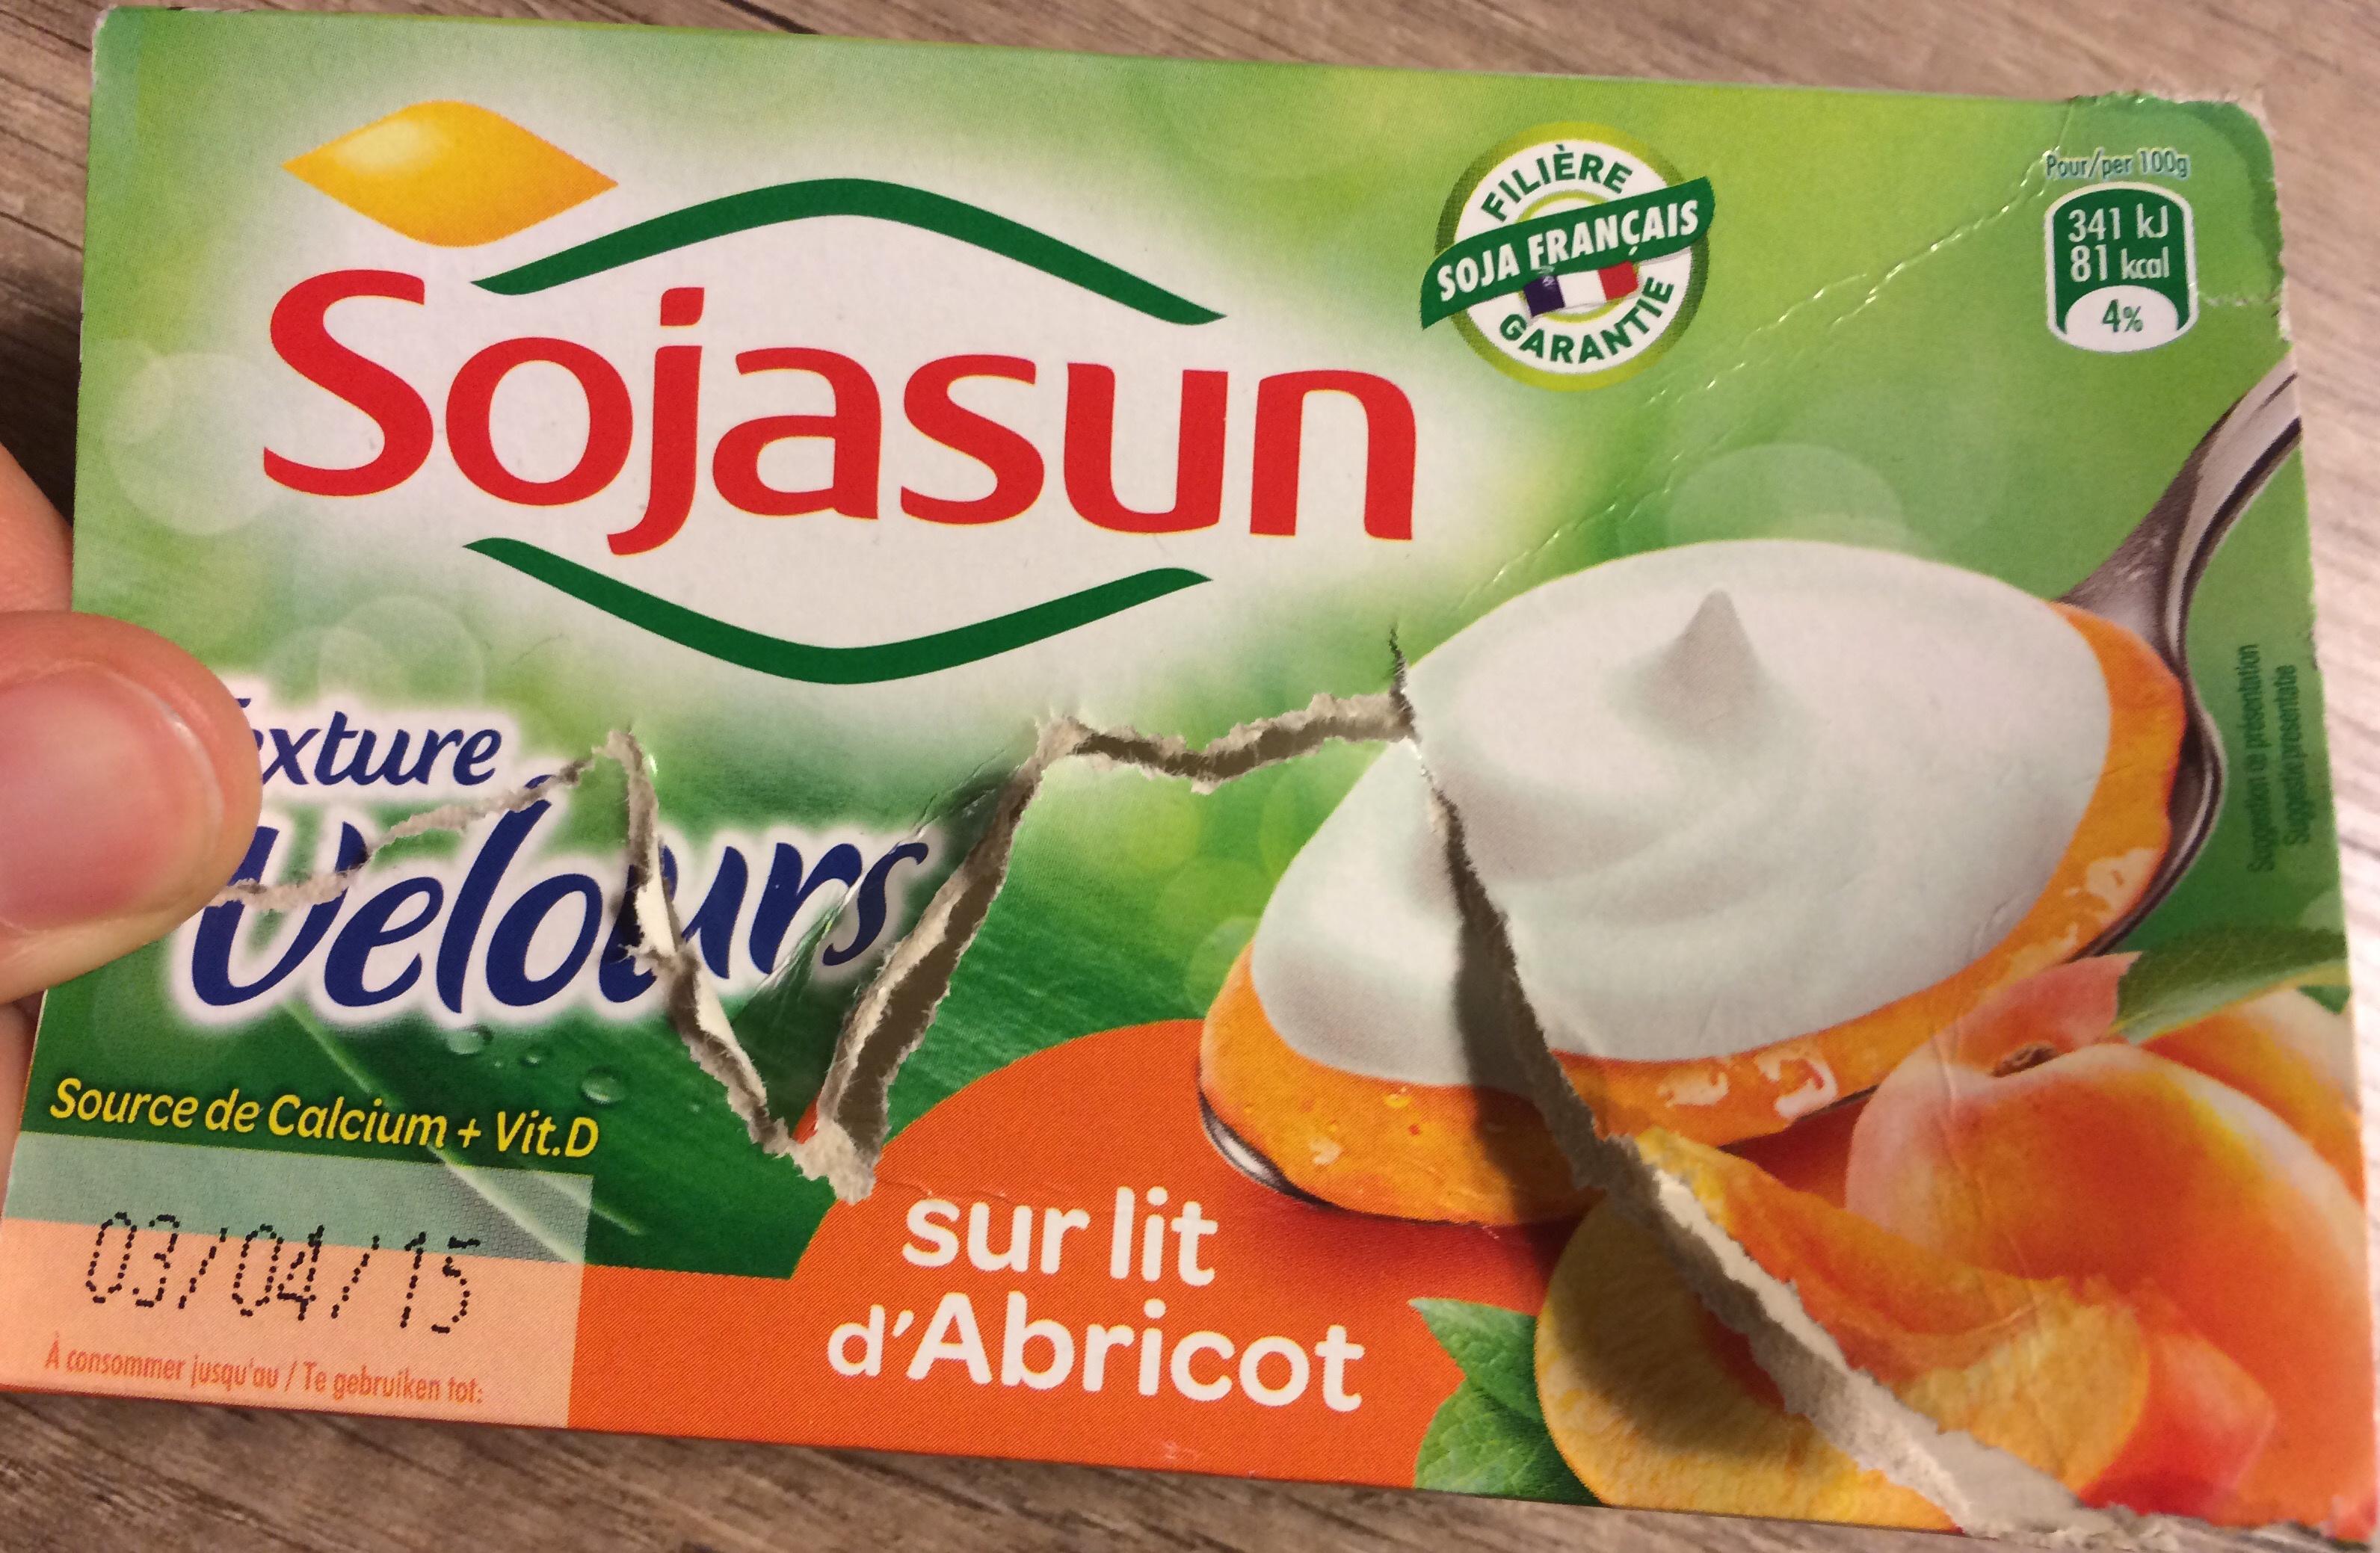 Texture Velours sur lit d'Abricot - Product